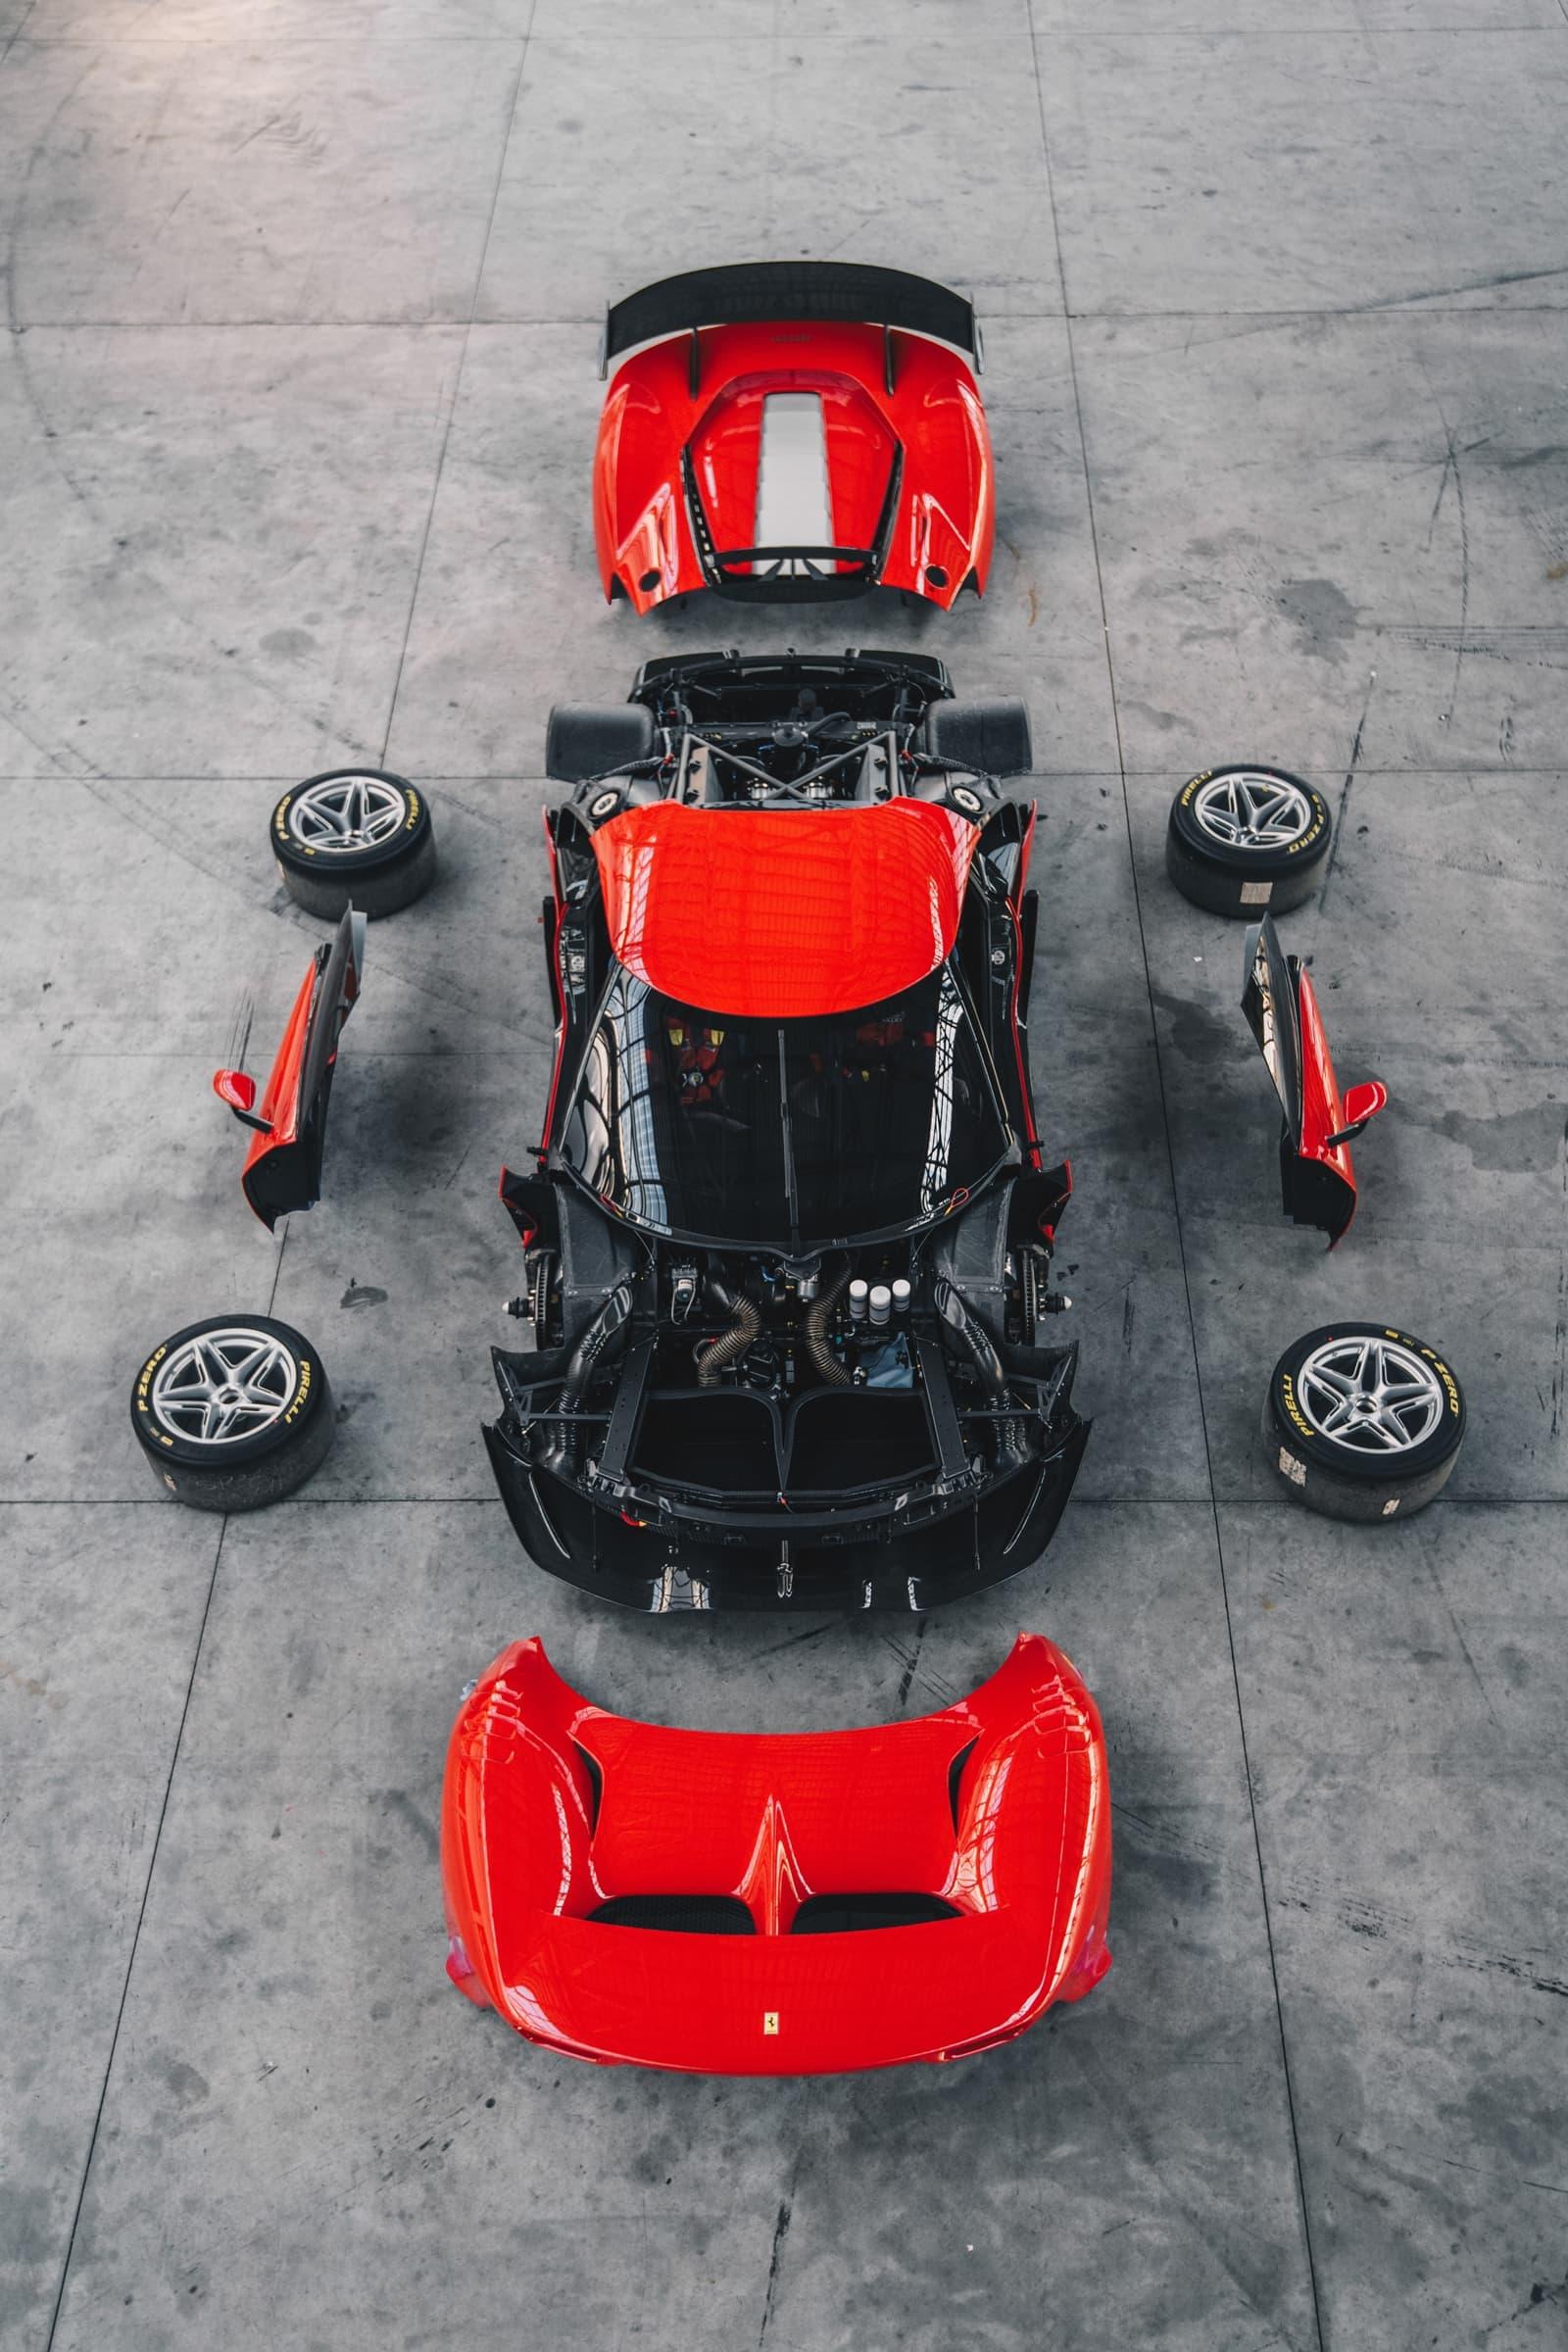 Ferrari P80c 2019 0319 006